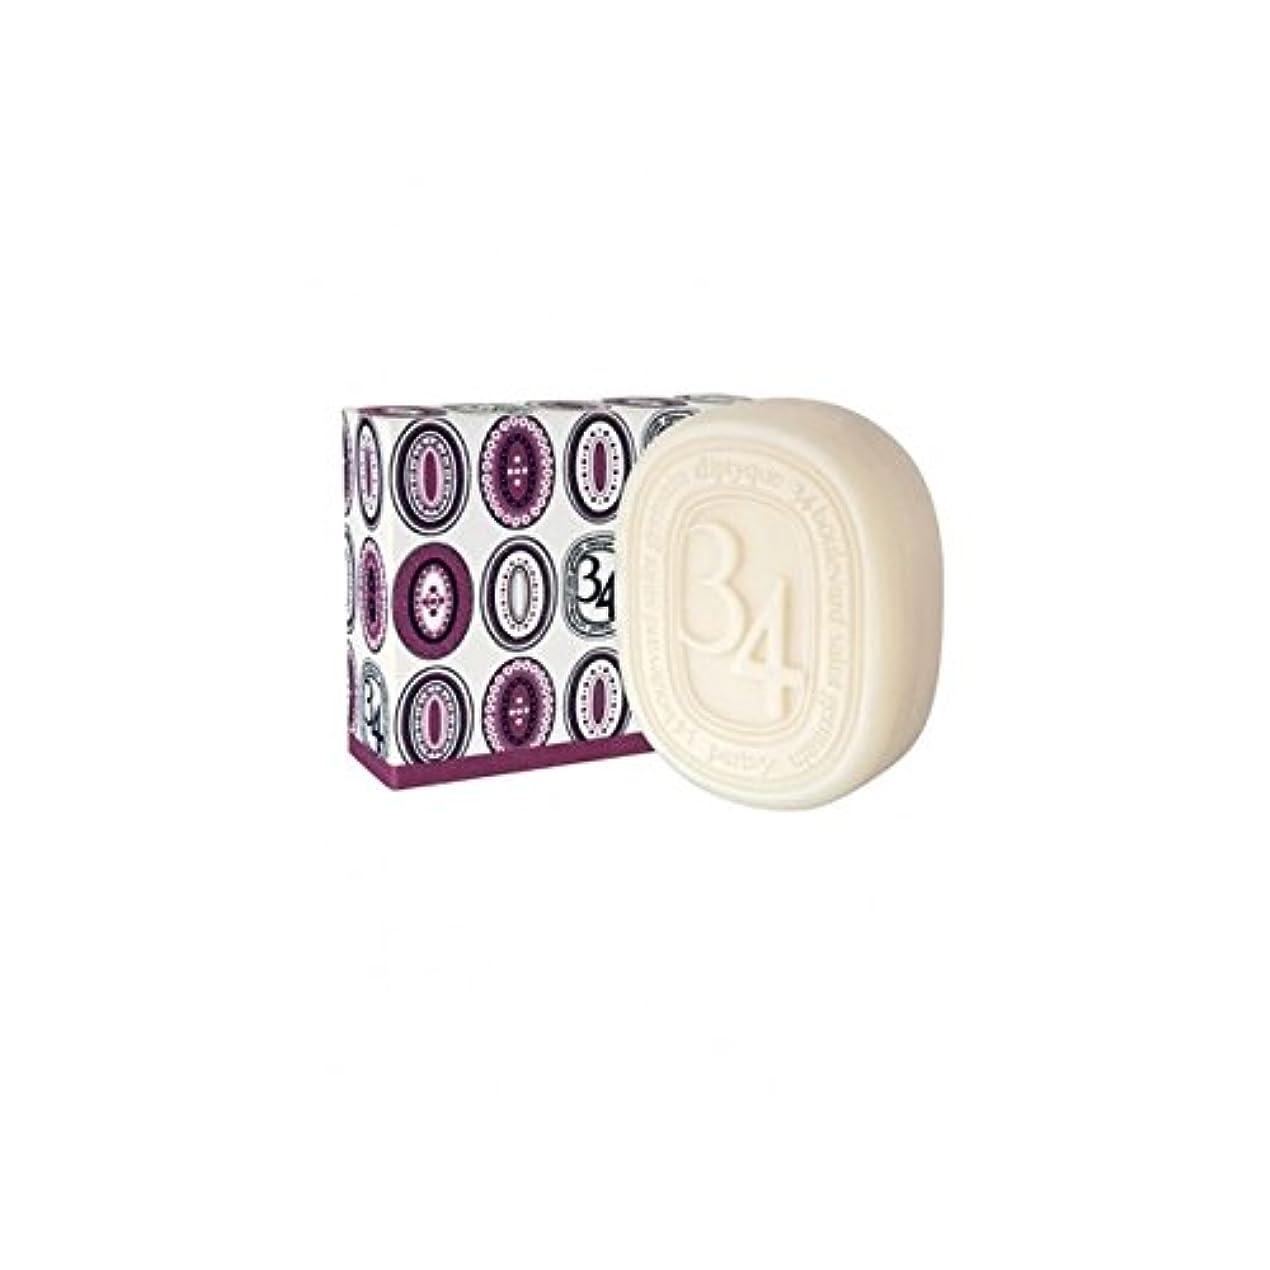 内なるカロリー月曜Diptyqueコレクション34大通りサンジェルマン石鹸100グラム - Diptyque Collection 34 Boulevard Saint Germain Soap 100g (Diptyque) [並行輸入品]